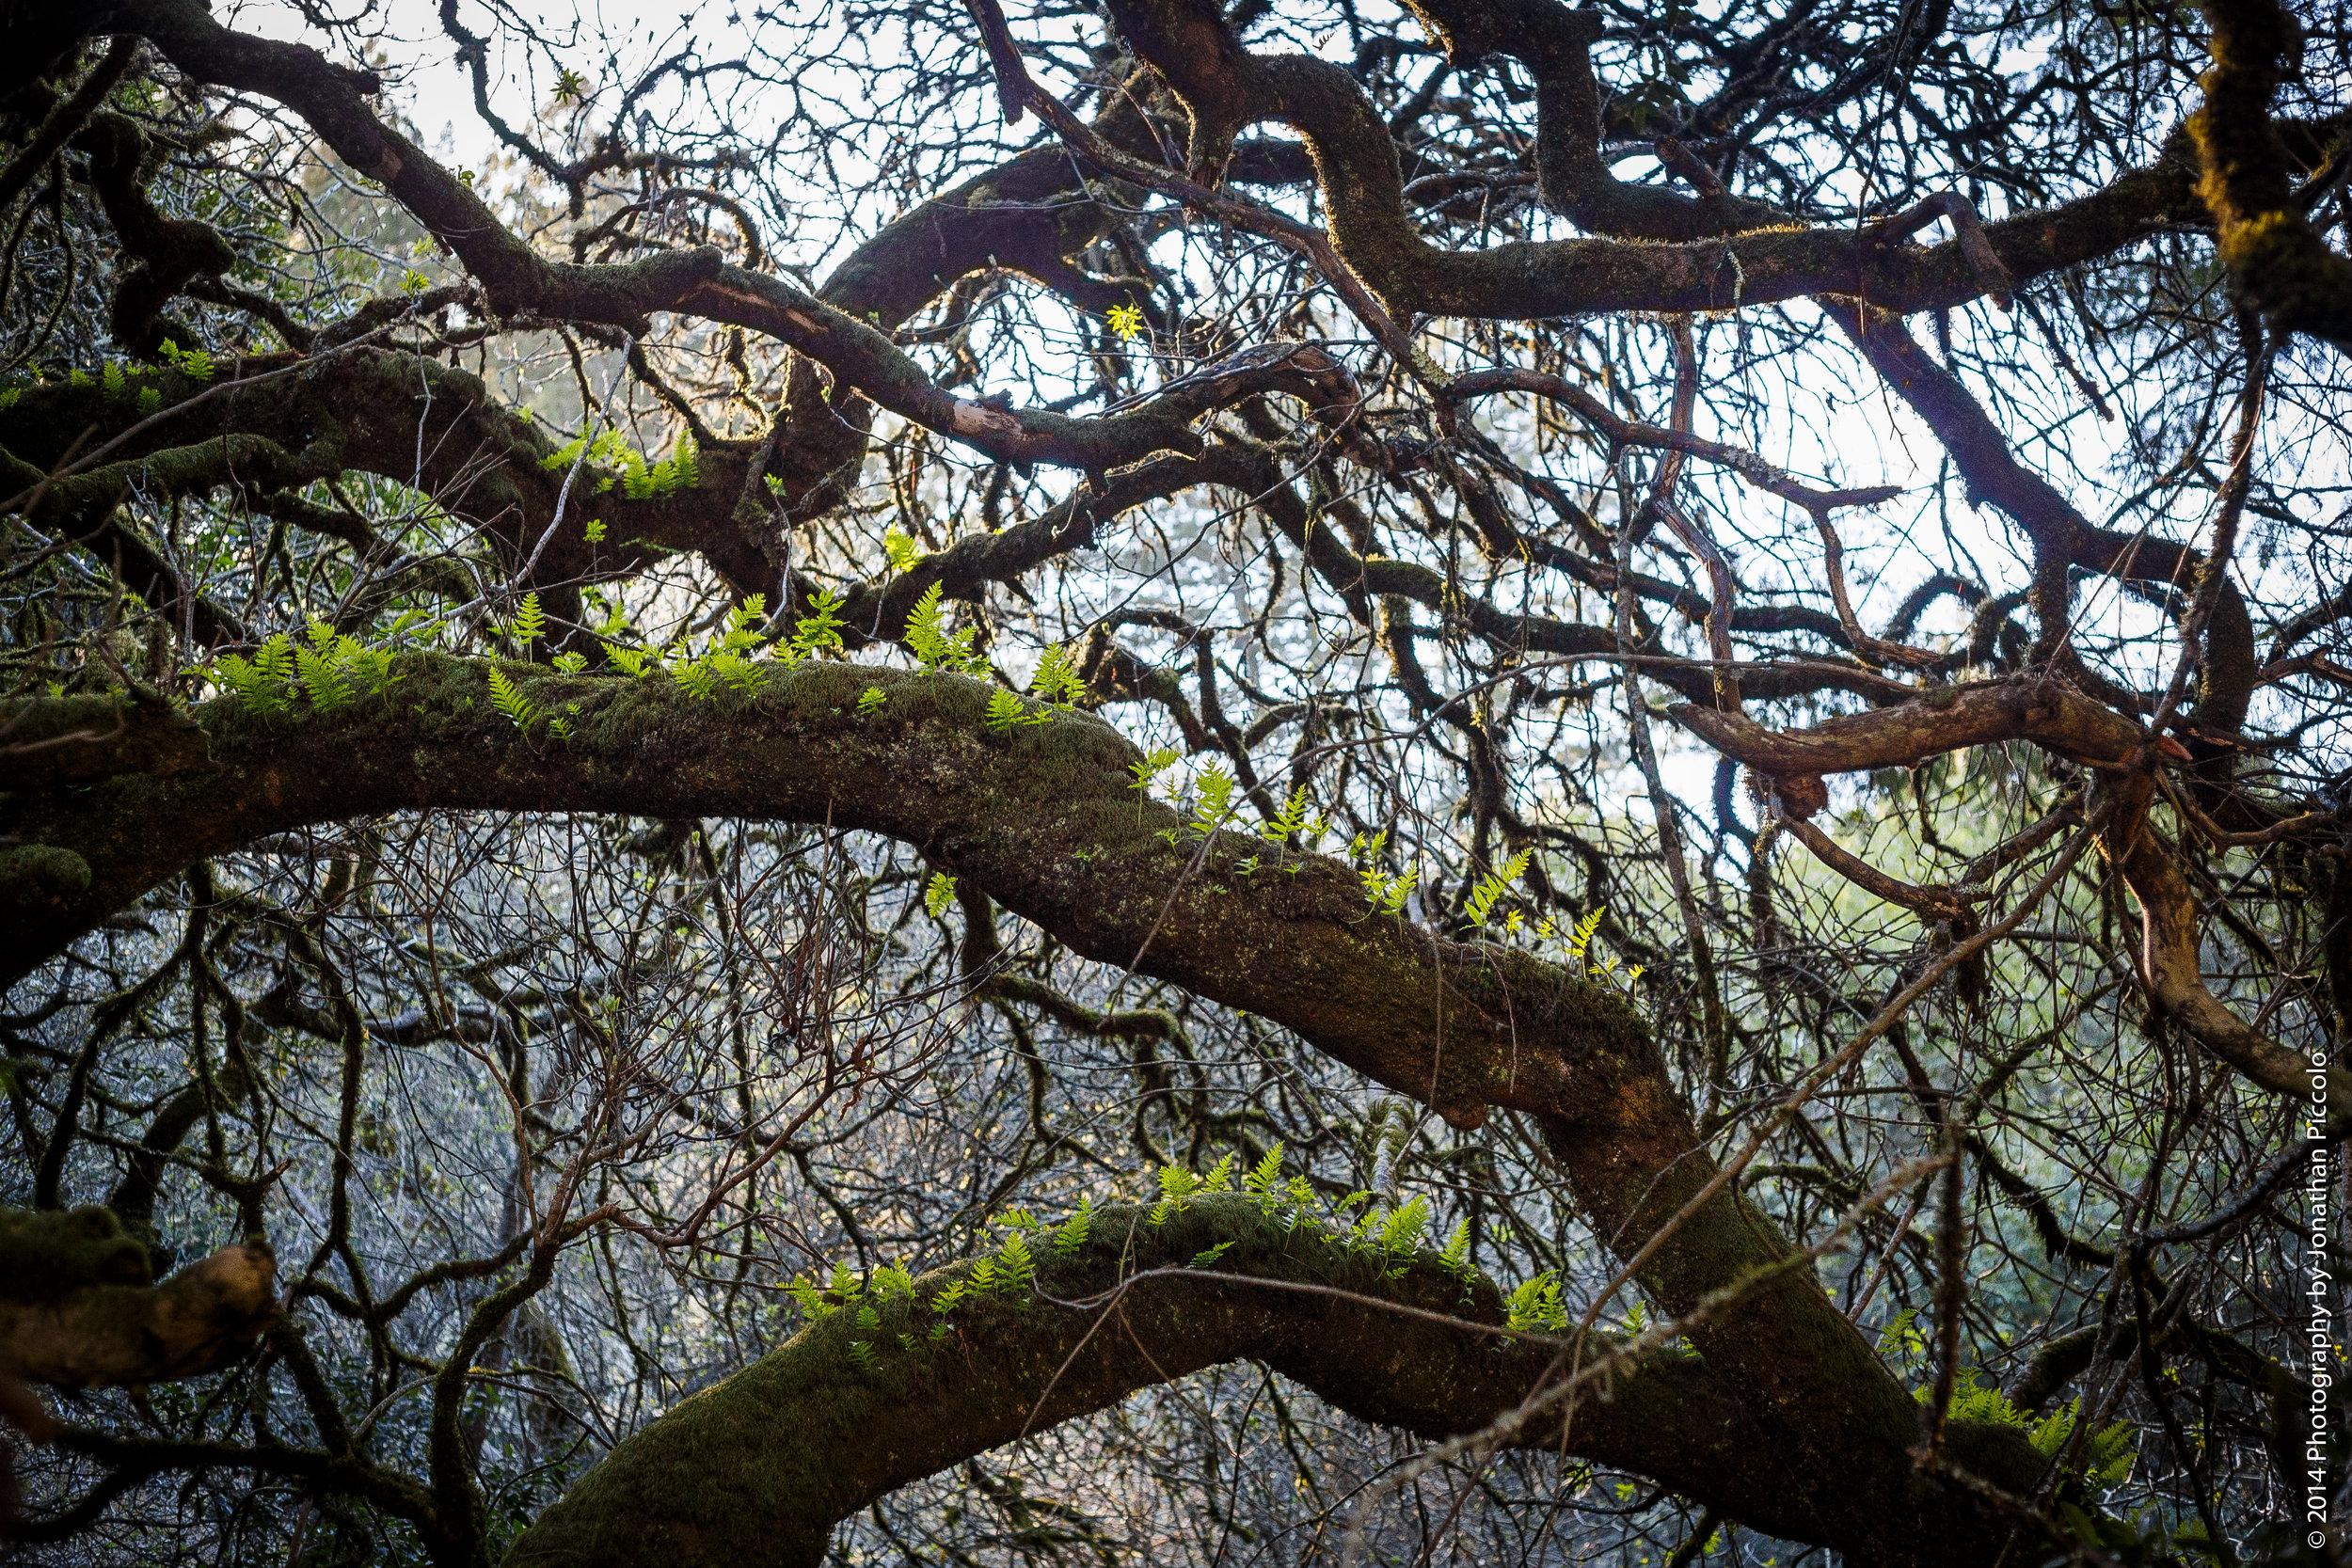 muir-woods-2014-2.jpg